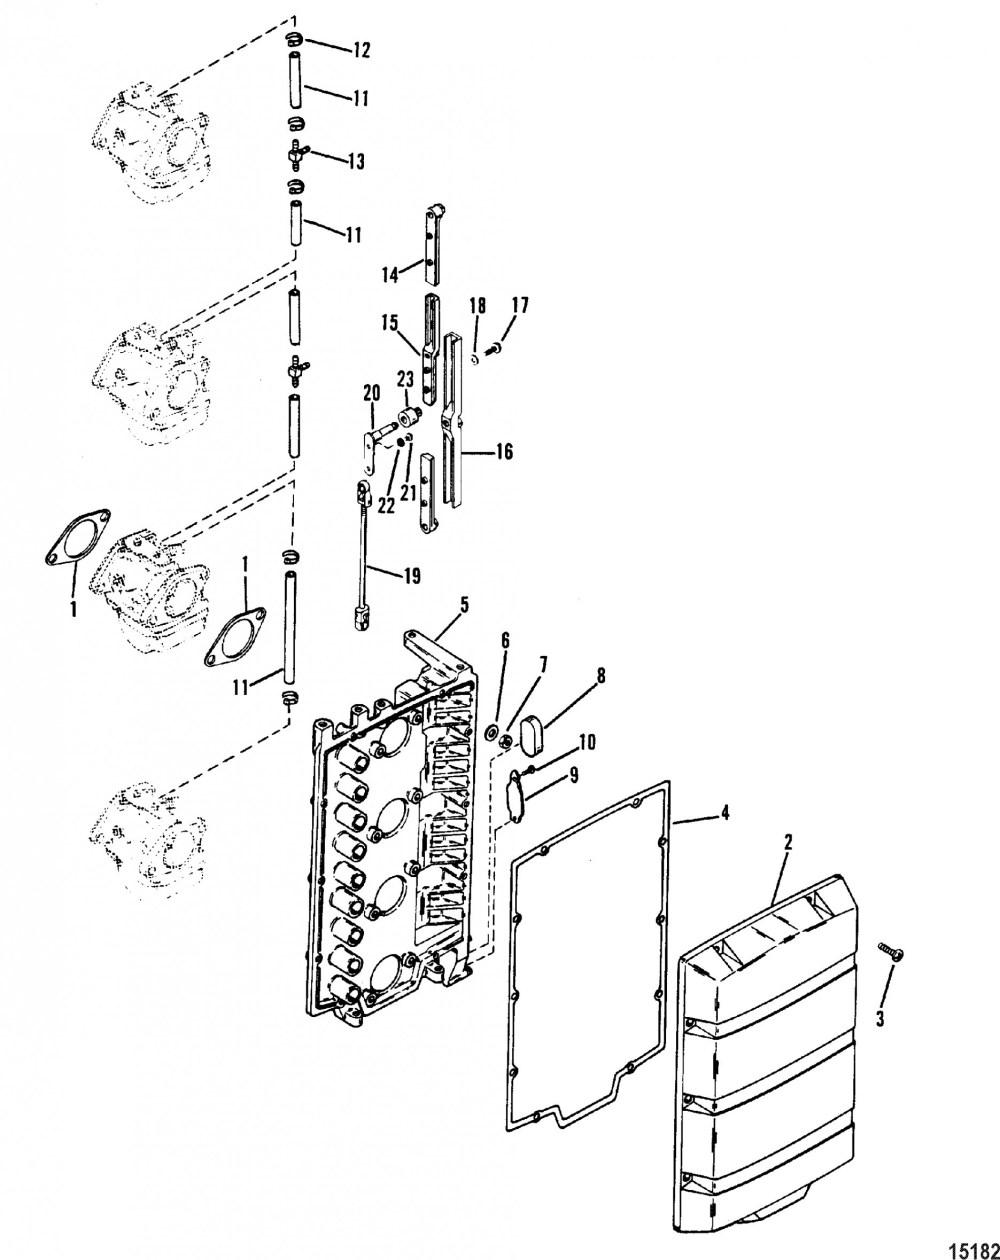 medium resolution of mercury outboard engine diagram mercury outboard motor parts diagram mercury mercury 115 4 cyl of